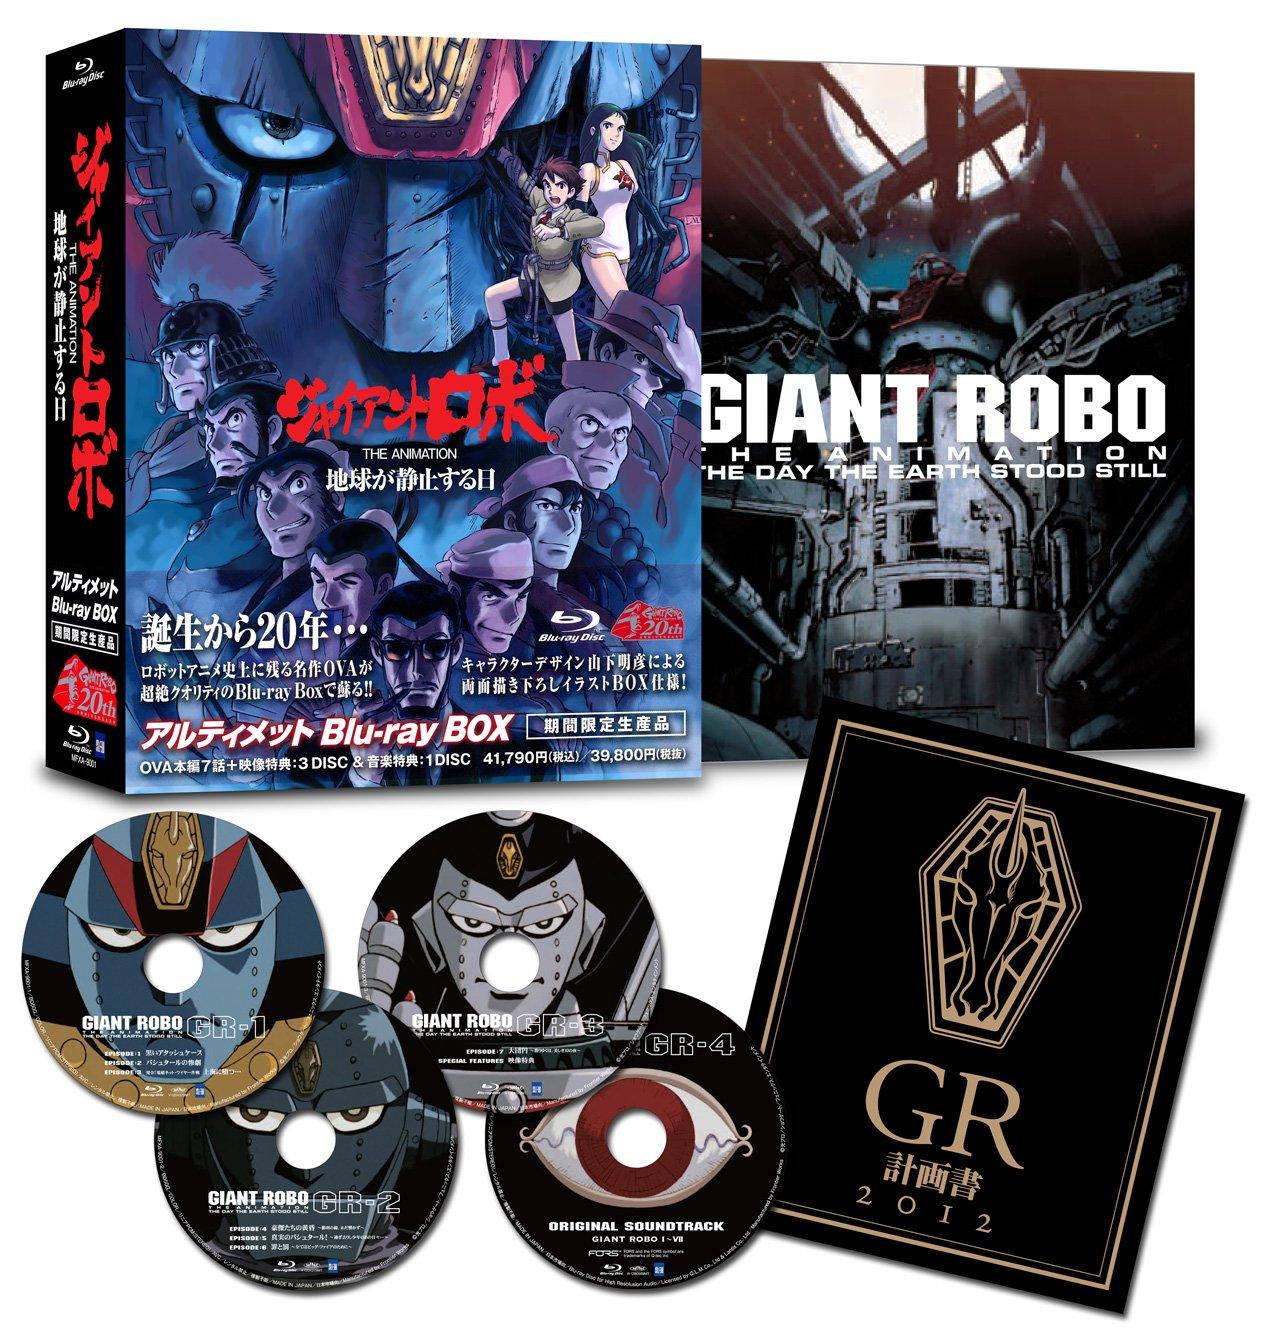 Giant Robo Characters Giant Robo Day The Earth